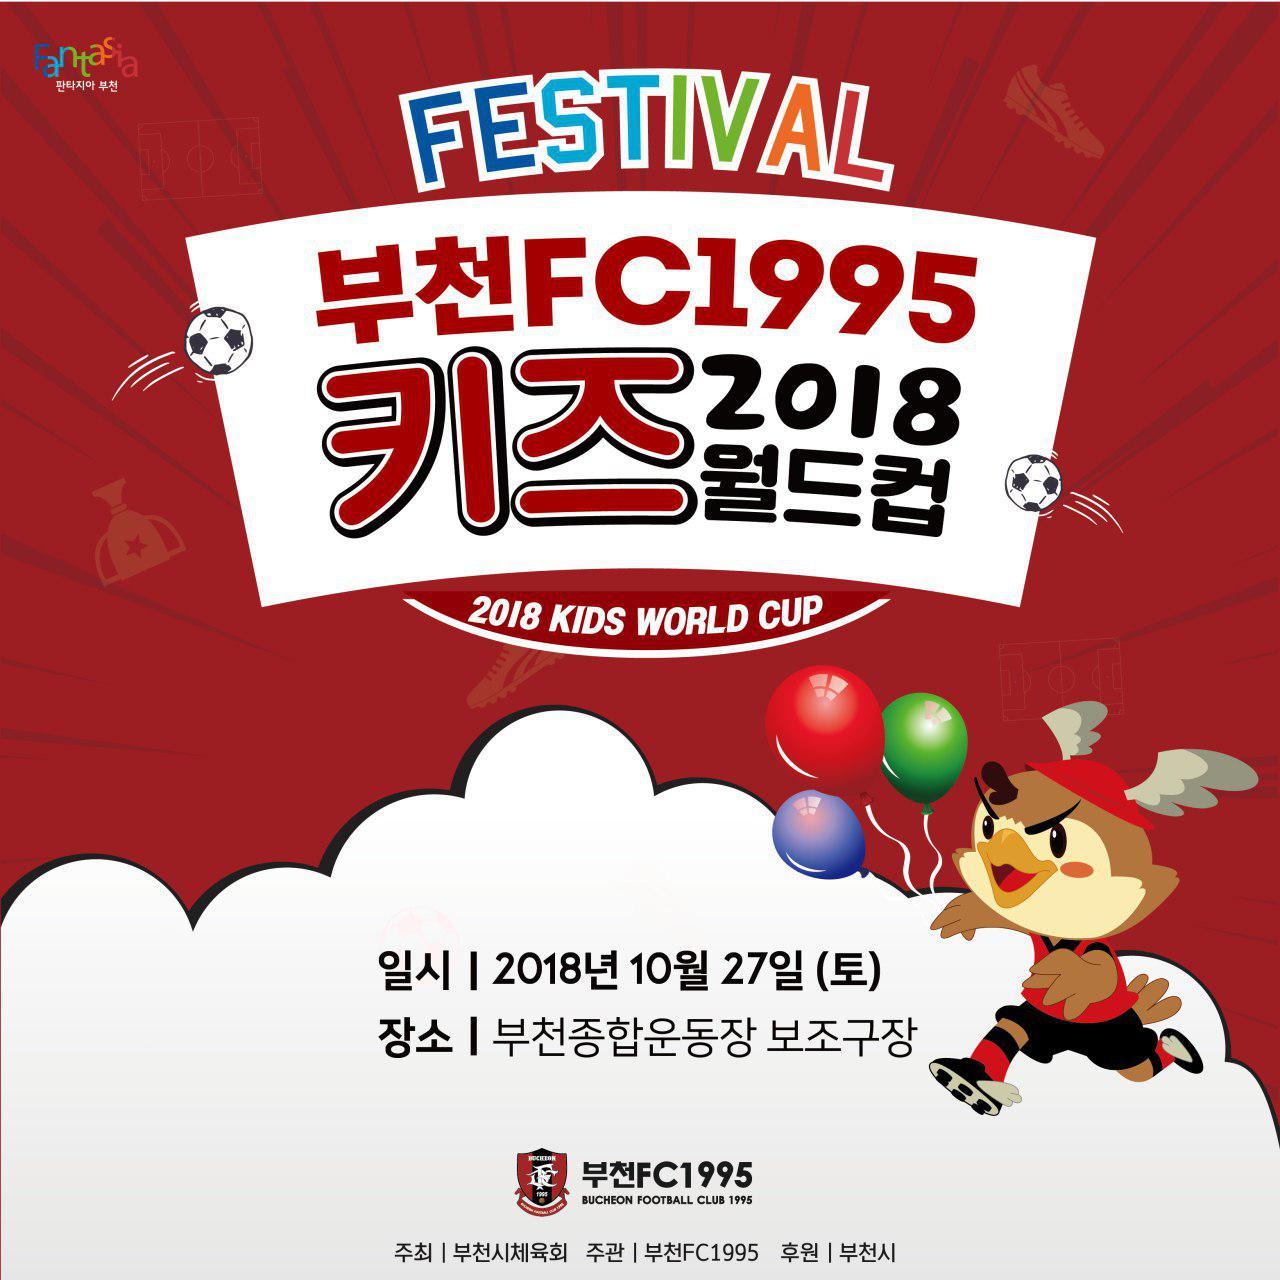 부천FC, 어린이 축구 페스티벌 '2018 키즈 월드컵' 개최